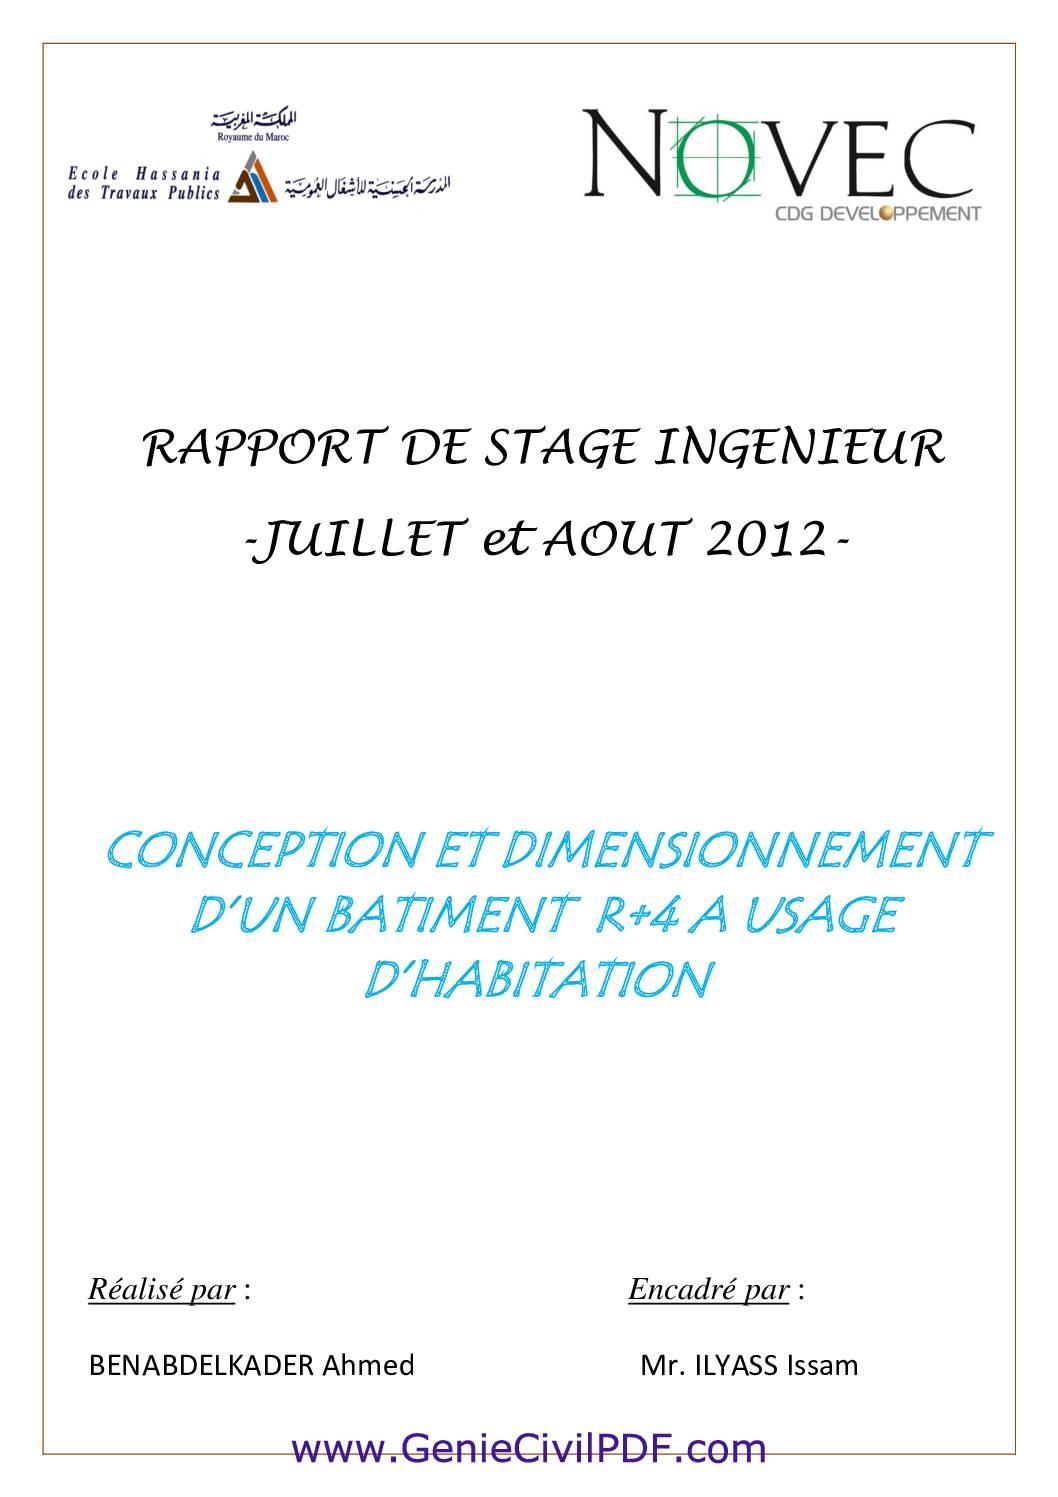 RAPPORT DE STAGE INGENIEUR BATIMENT R+4